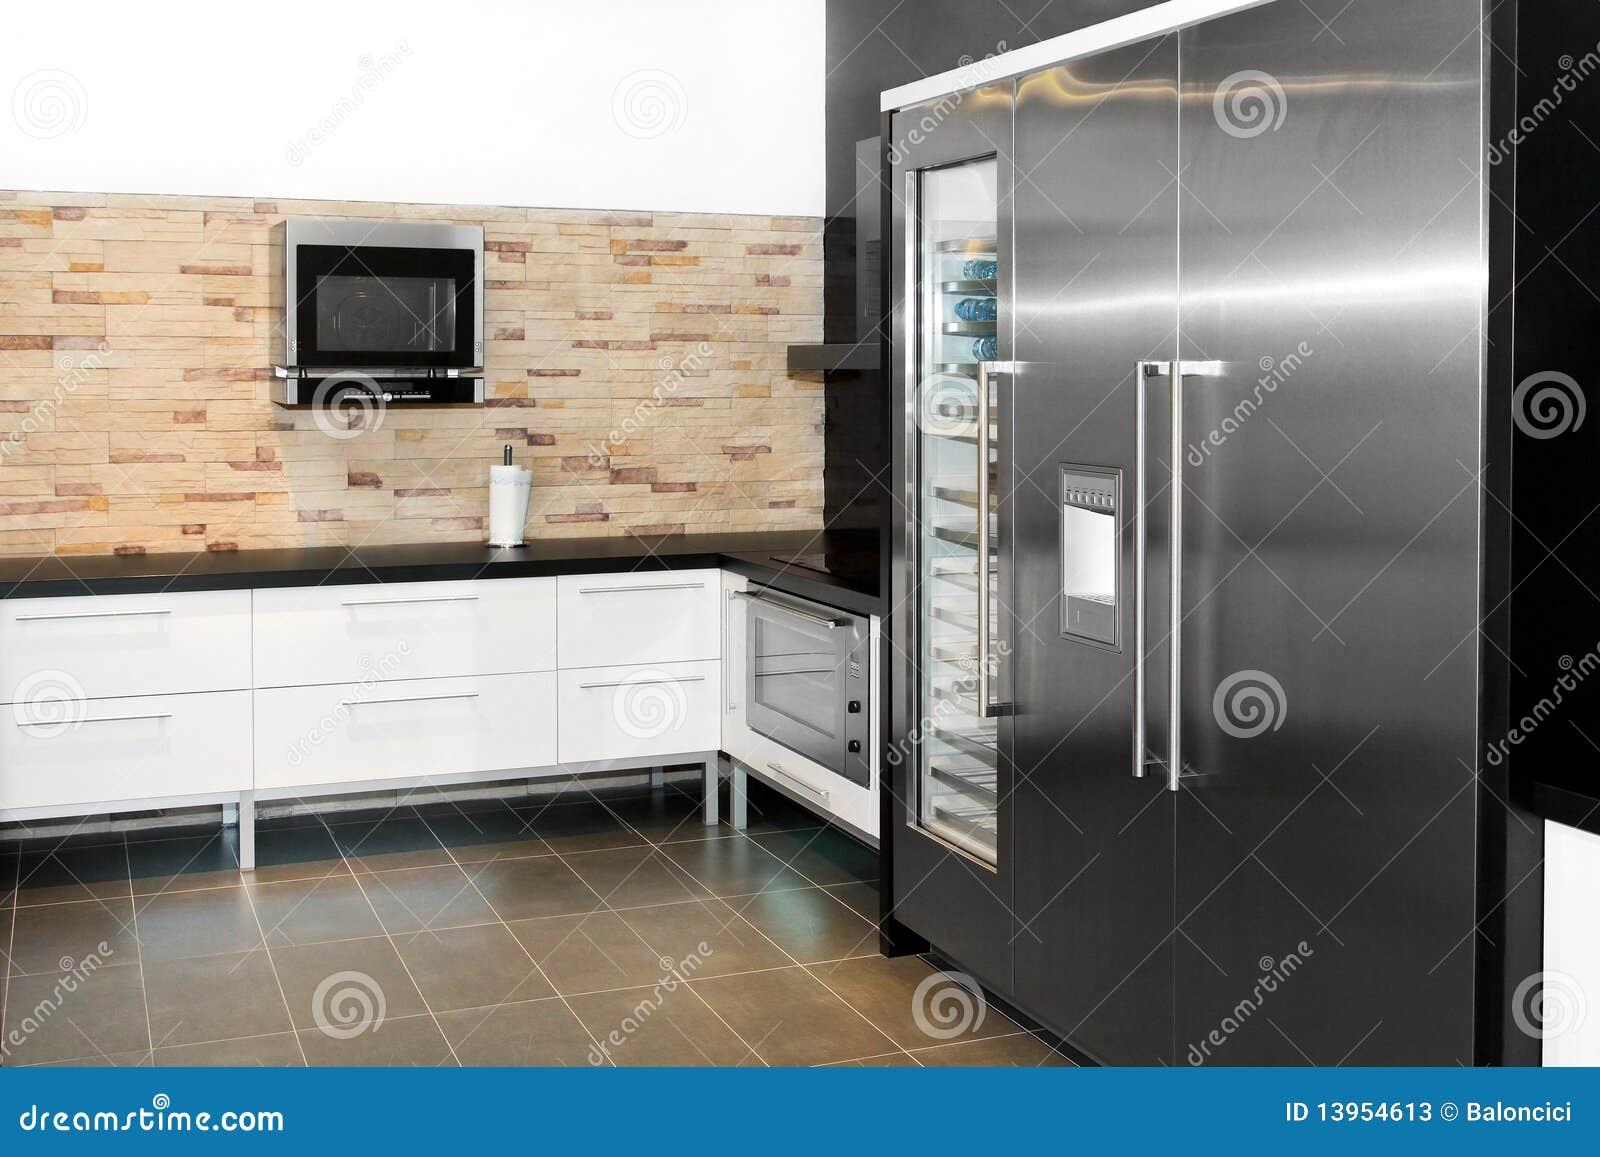 Moderne keuken stock afbeelding afbeelding bestaande uit elektrisch 13954613 - Moderne keukenfotos ...